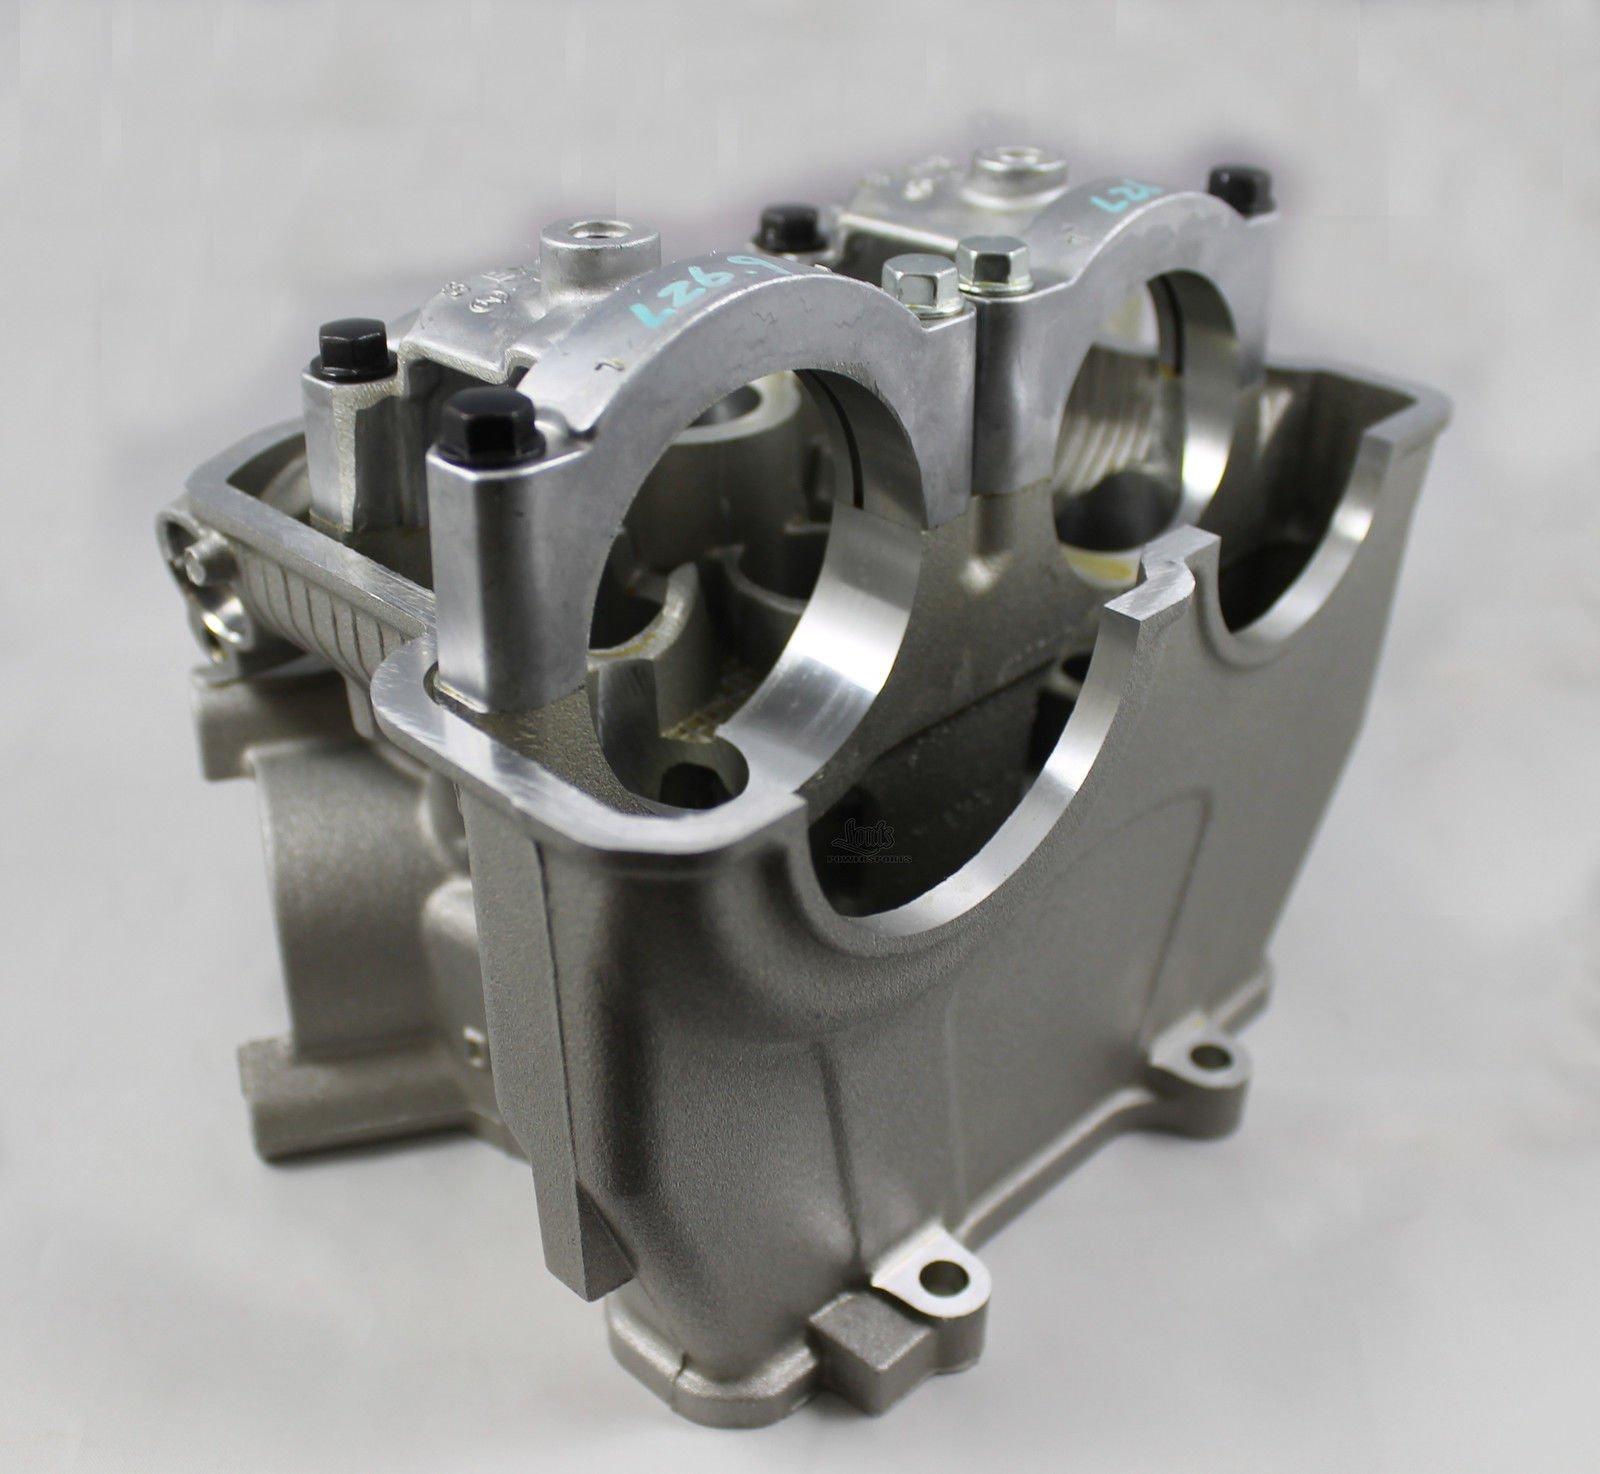 Kawasaki 2013 13 Teryx FI LE Sport 4x4 Rear Cylinder Head Assembly 11008-0771 New OEM